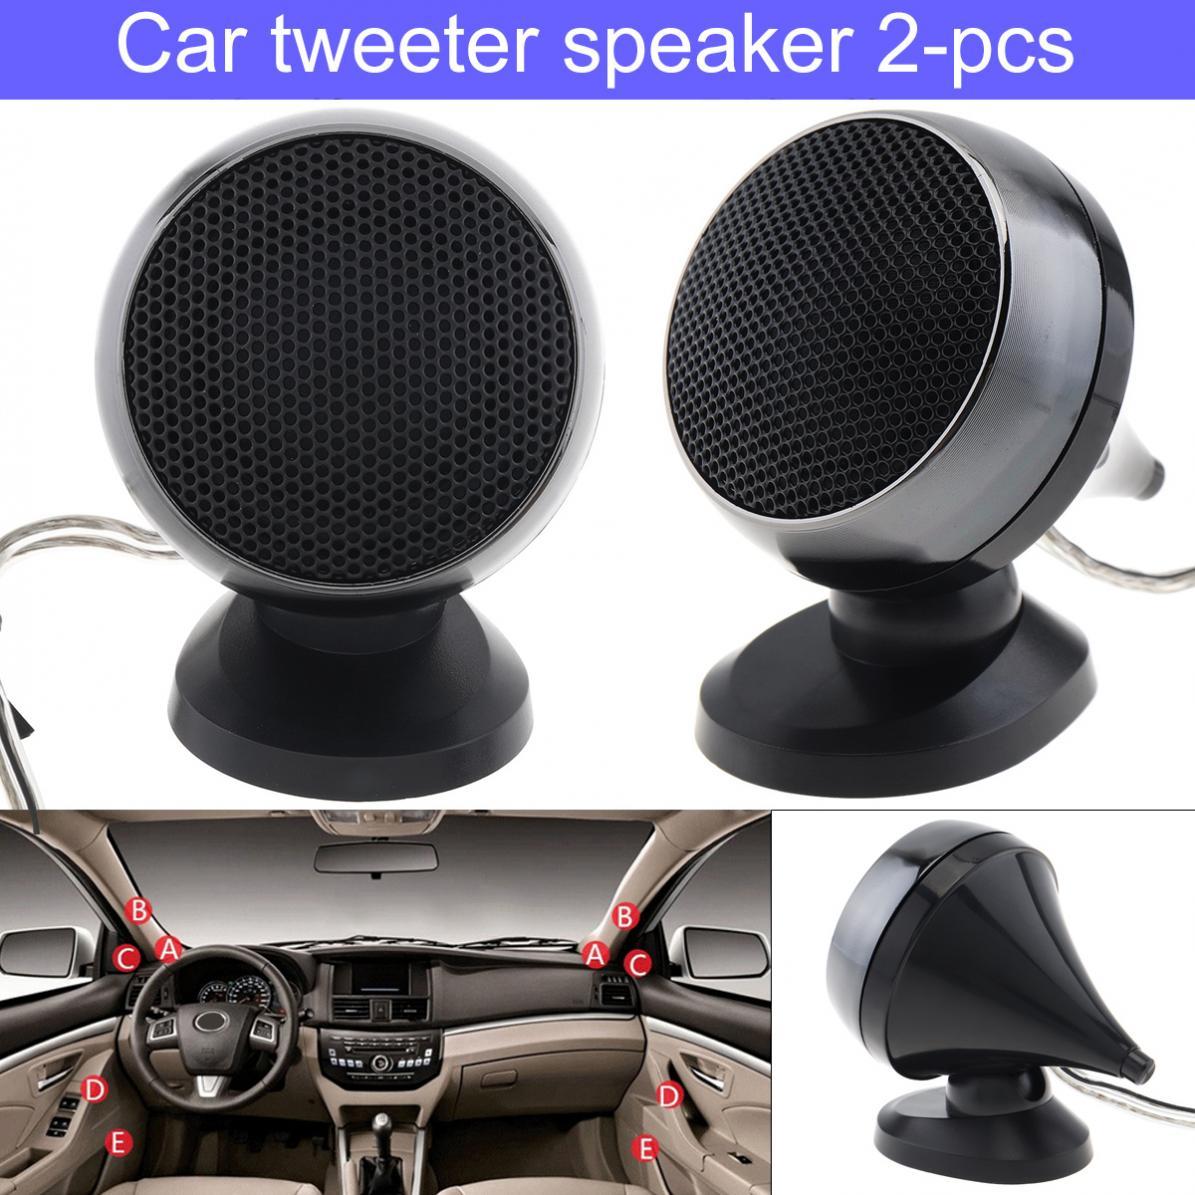 2pcs 150 w 12 v alto-falante alto-falante alto-falante de alta frequência do tweeter do carro da abóbada mini para o sistema audio dos carros